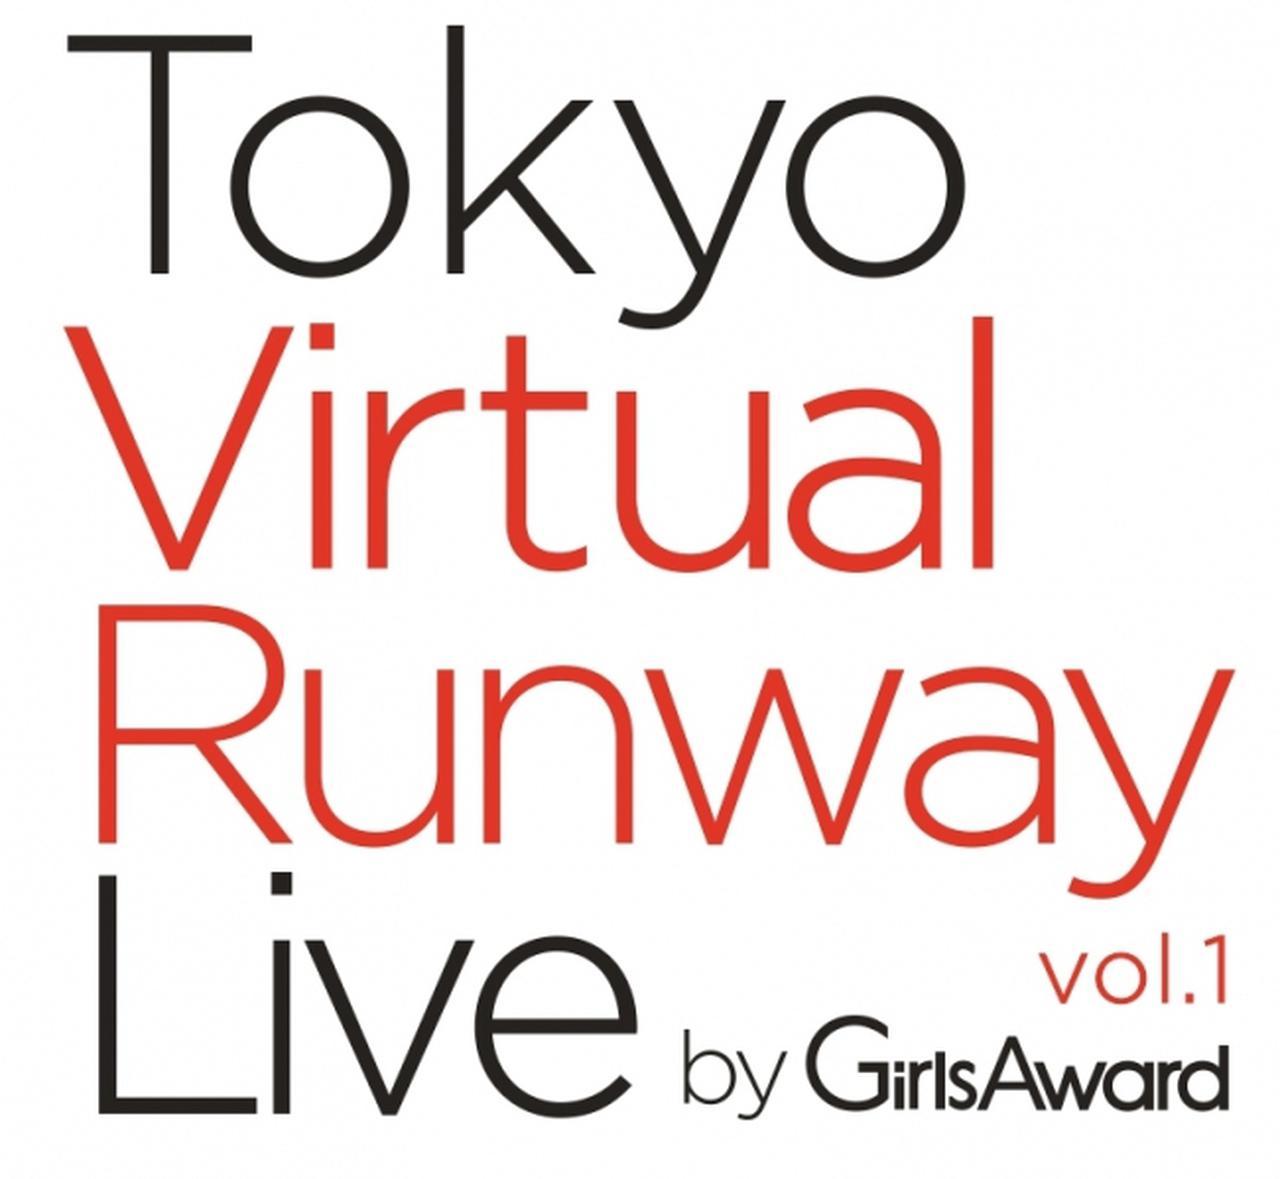 画像1: 【史上初】フルバーチャル空間によるファッションショー&ライブイベント「Tokyo Virtual Runway Live by GirlsAward」開催決定!